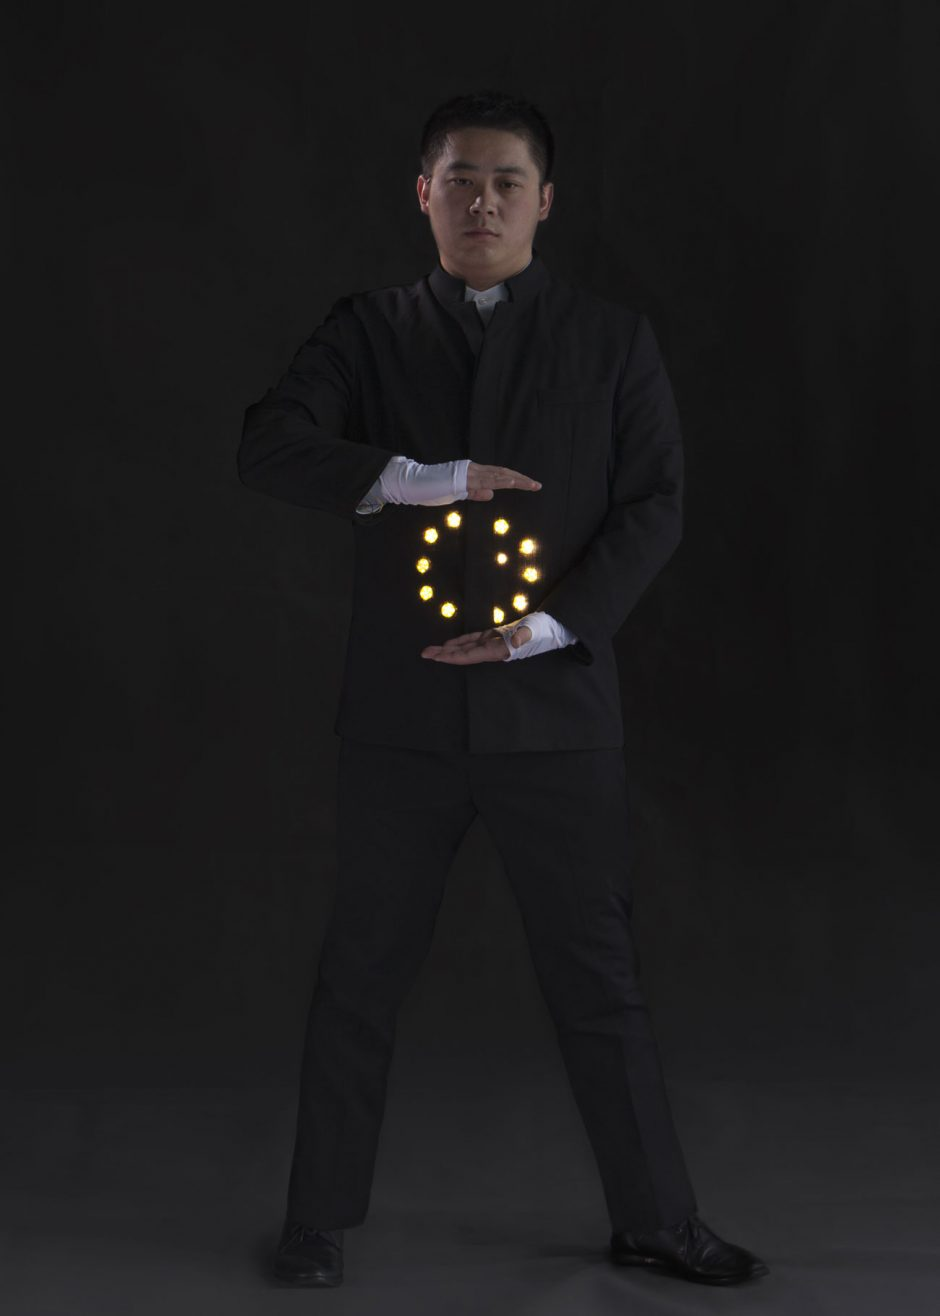 Mithilfe der 360 Fash Tech Kits von 360-Fashion Network lassen sich unkompliziert Wearables kreieren. Hier der Qi Suit von Romaster, mit dem Gesture-Kit umgesetzt